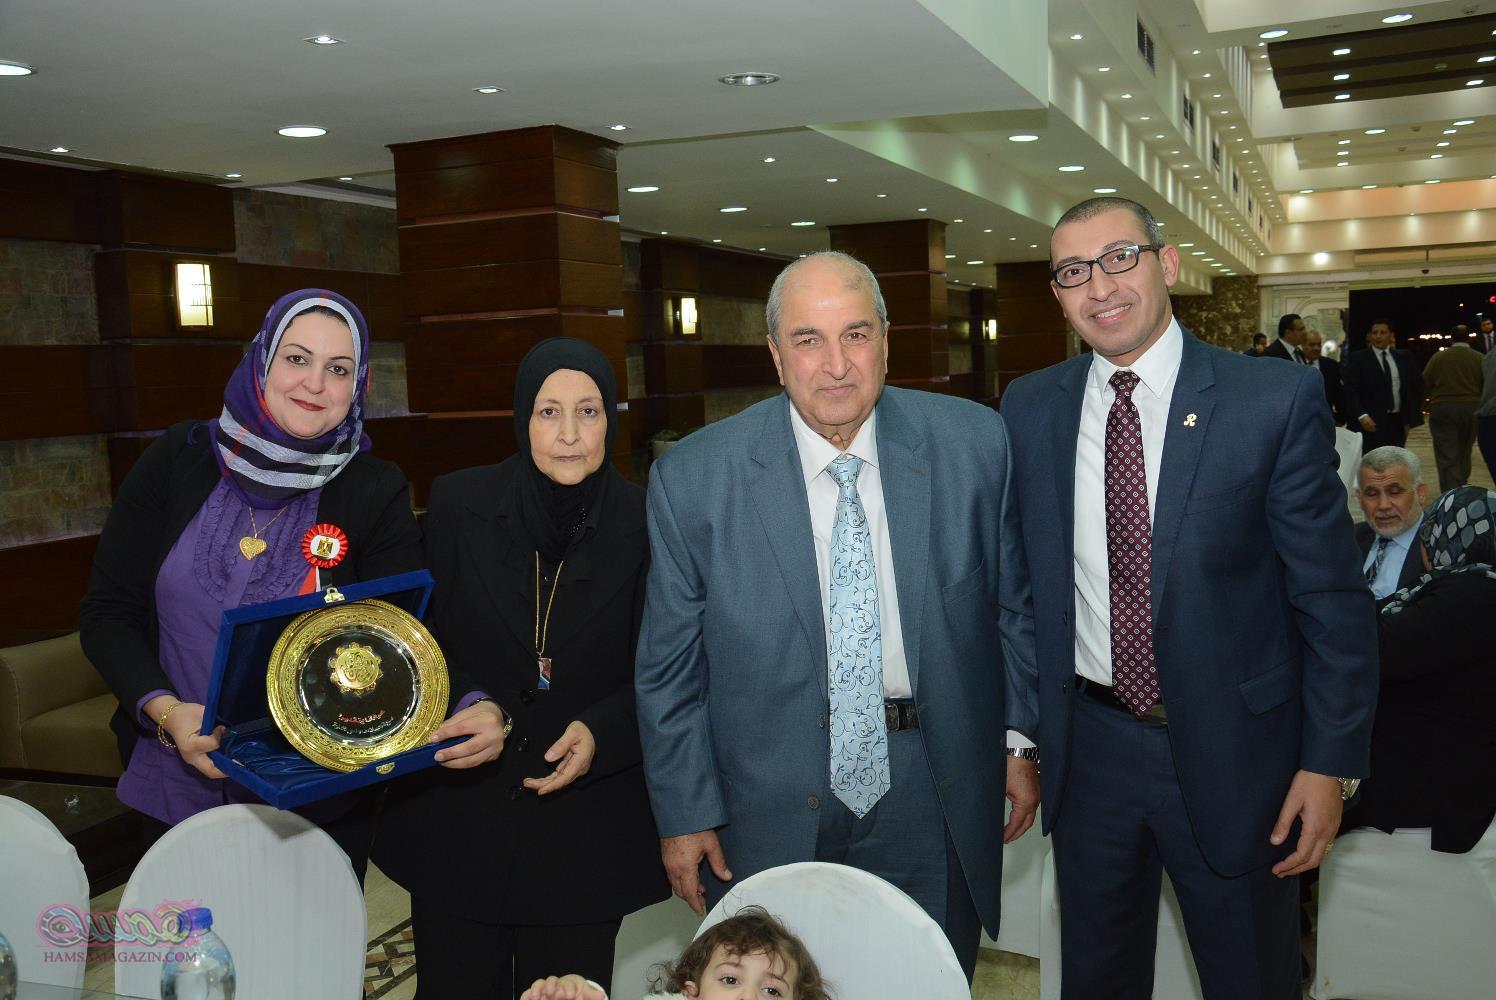 نادي القضاة يكرم أسر شهداء القضاة والجيش والشرطة